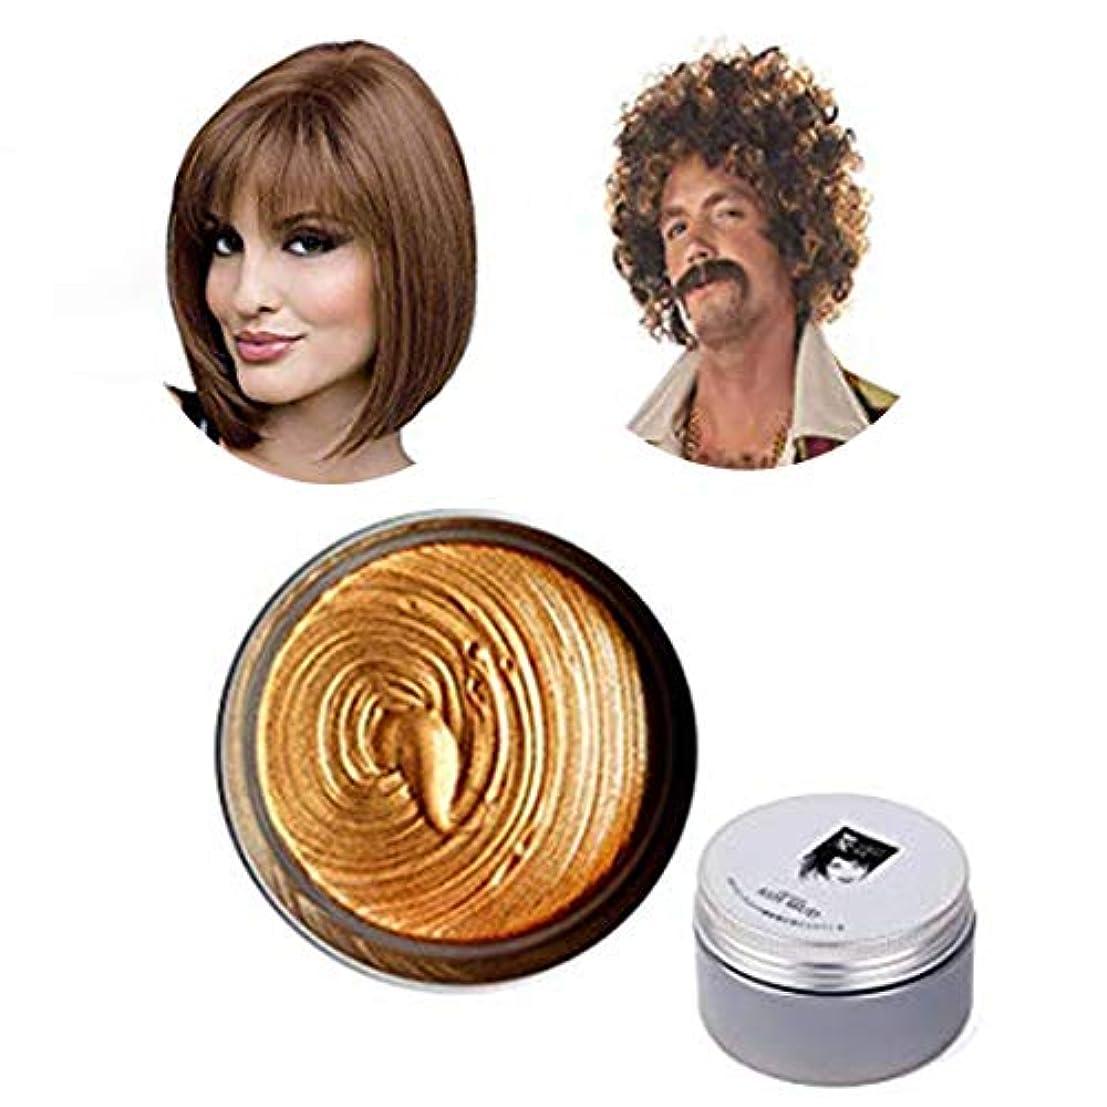 不規則性促進するチーズ髪色ワックス,インスタントのヘアワックス,1 回限りの一時的な自然な髪型色染料ヘアワックス,DIY 粘土スタイリング スタイリング ヘアワックス ハロウィーン パーティー、コスプレ、日常生活用 (ブラウン)